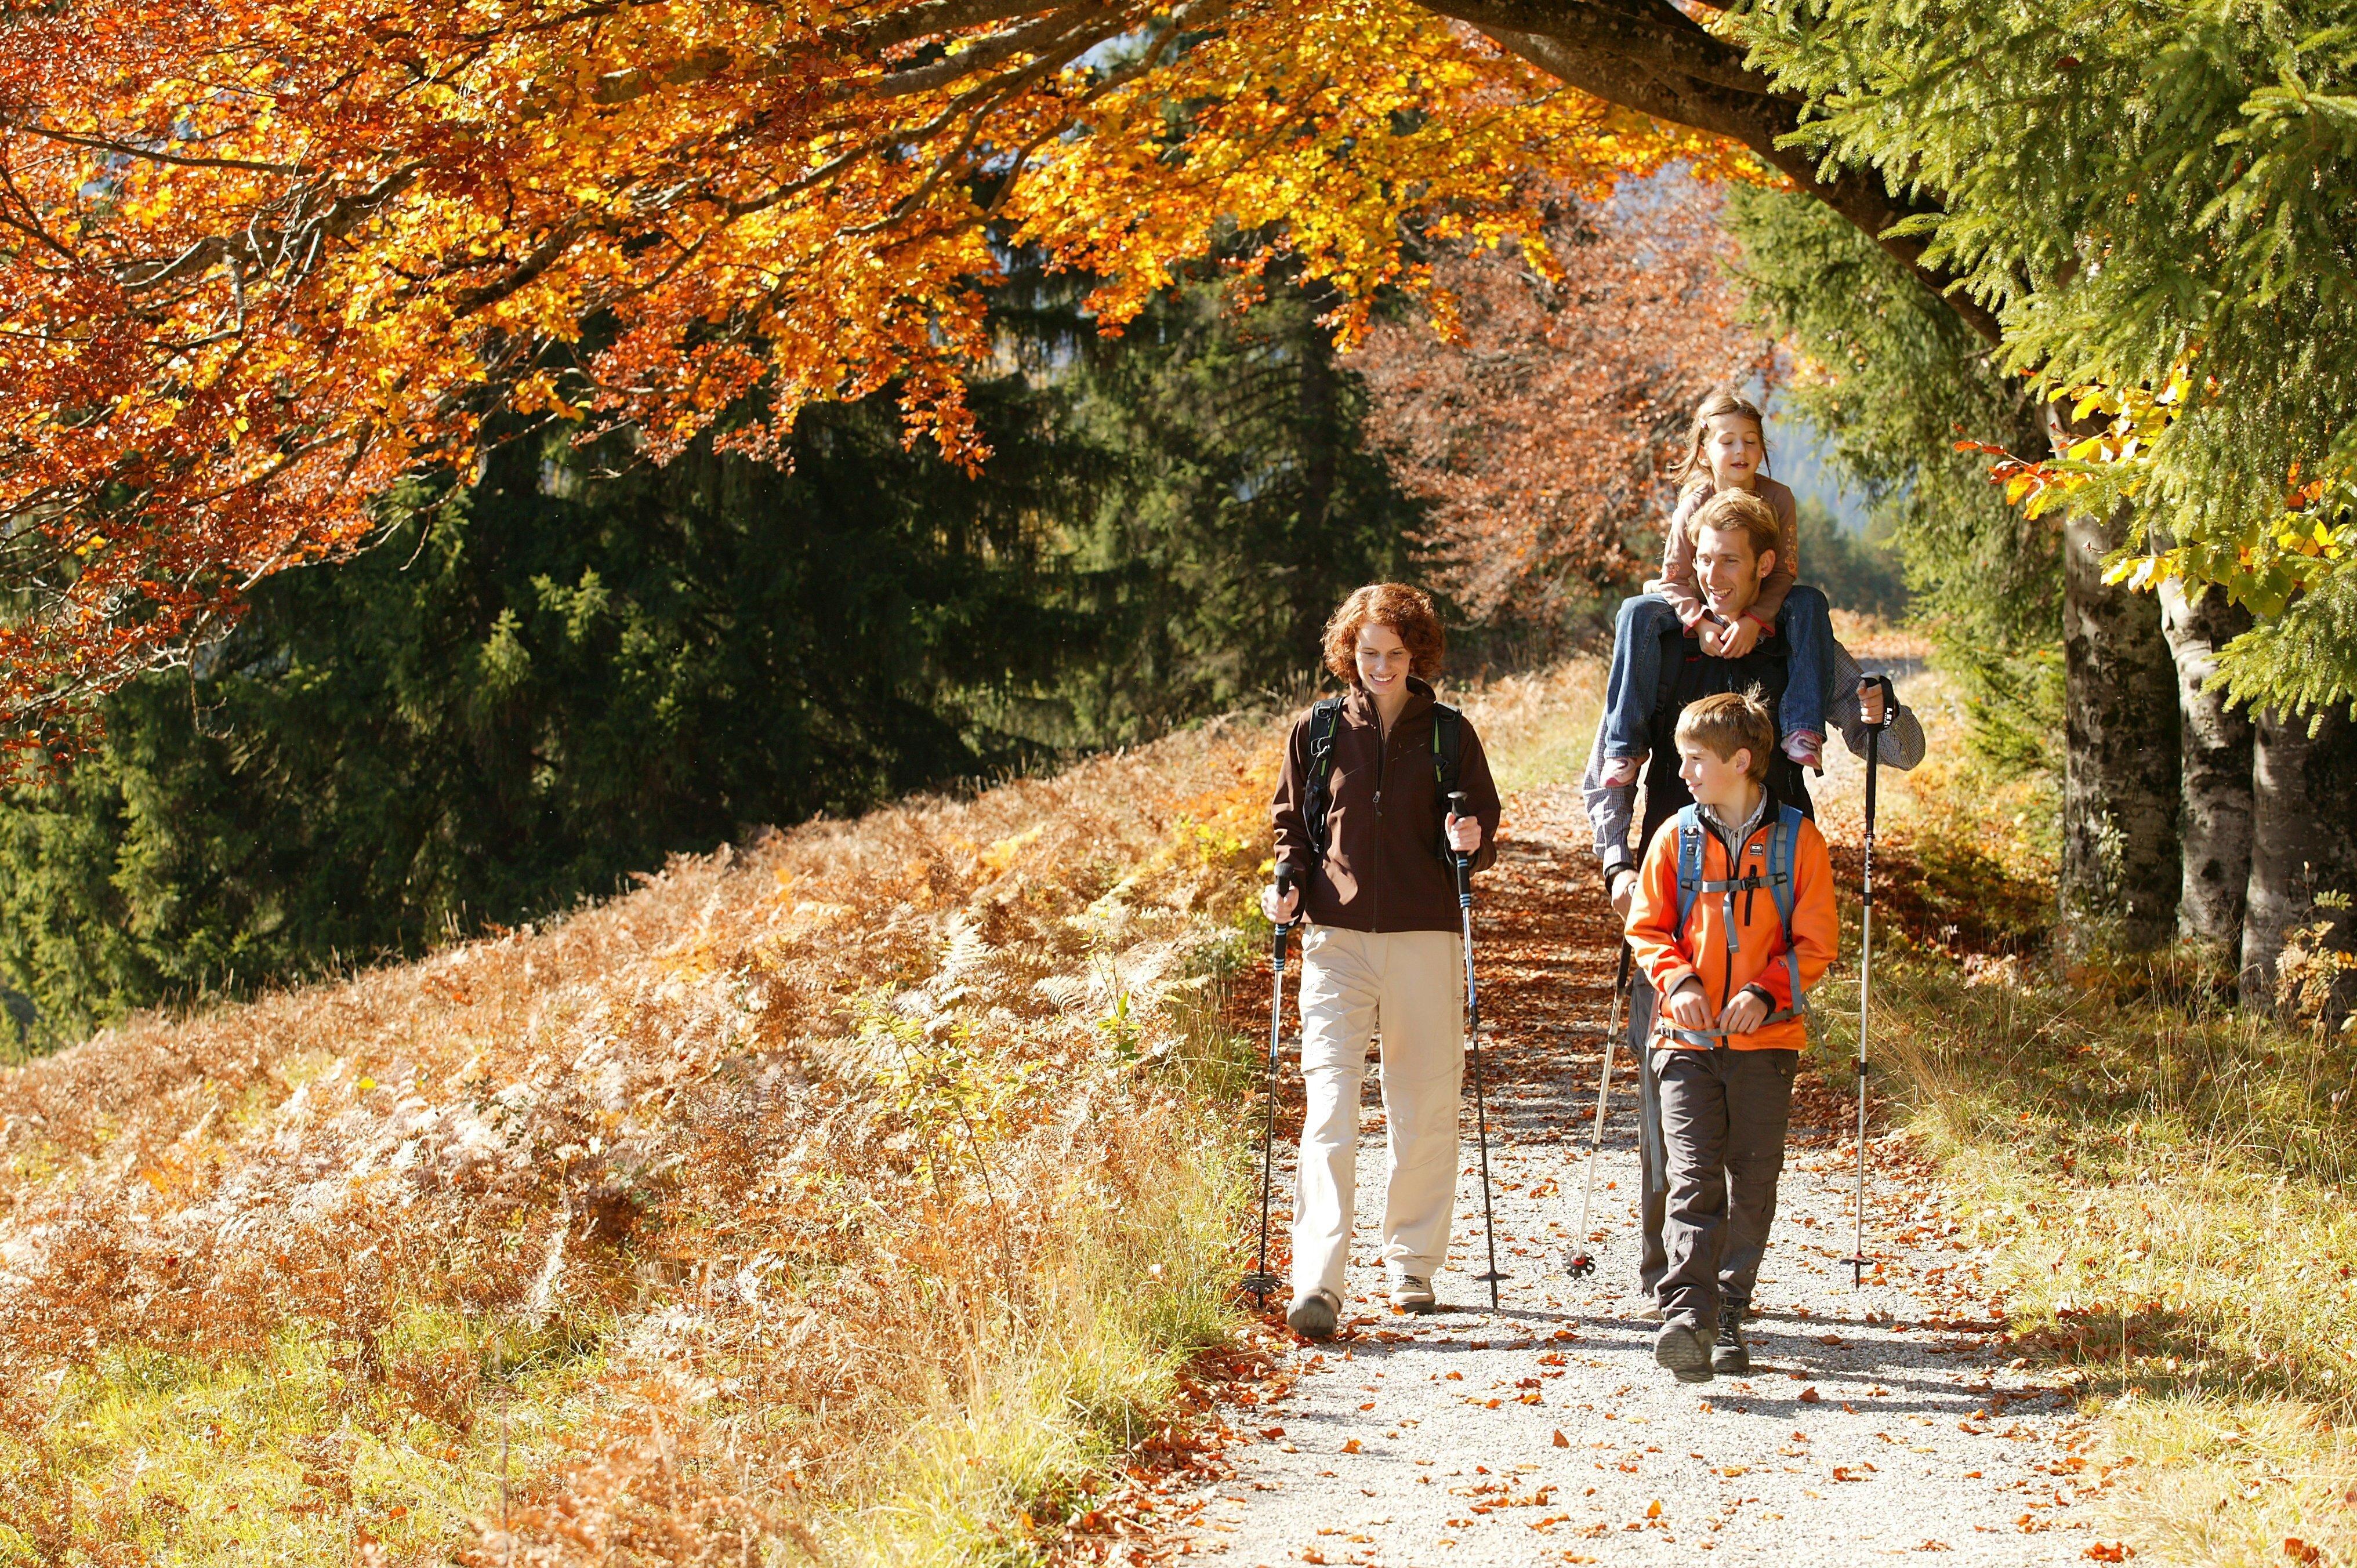 Herbstzeit = Wanderzeit